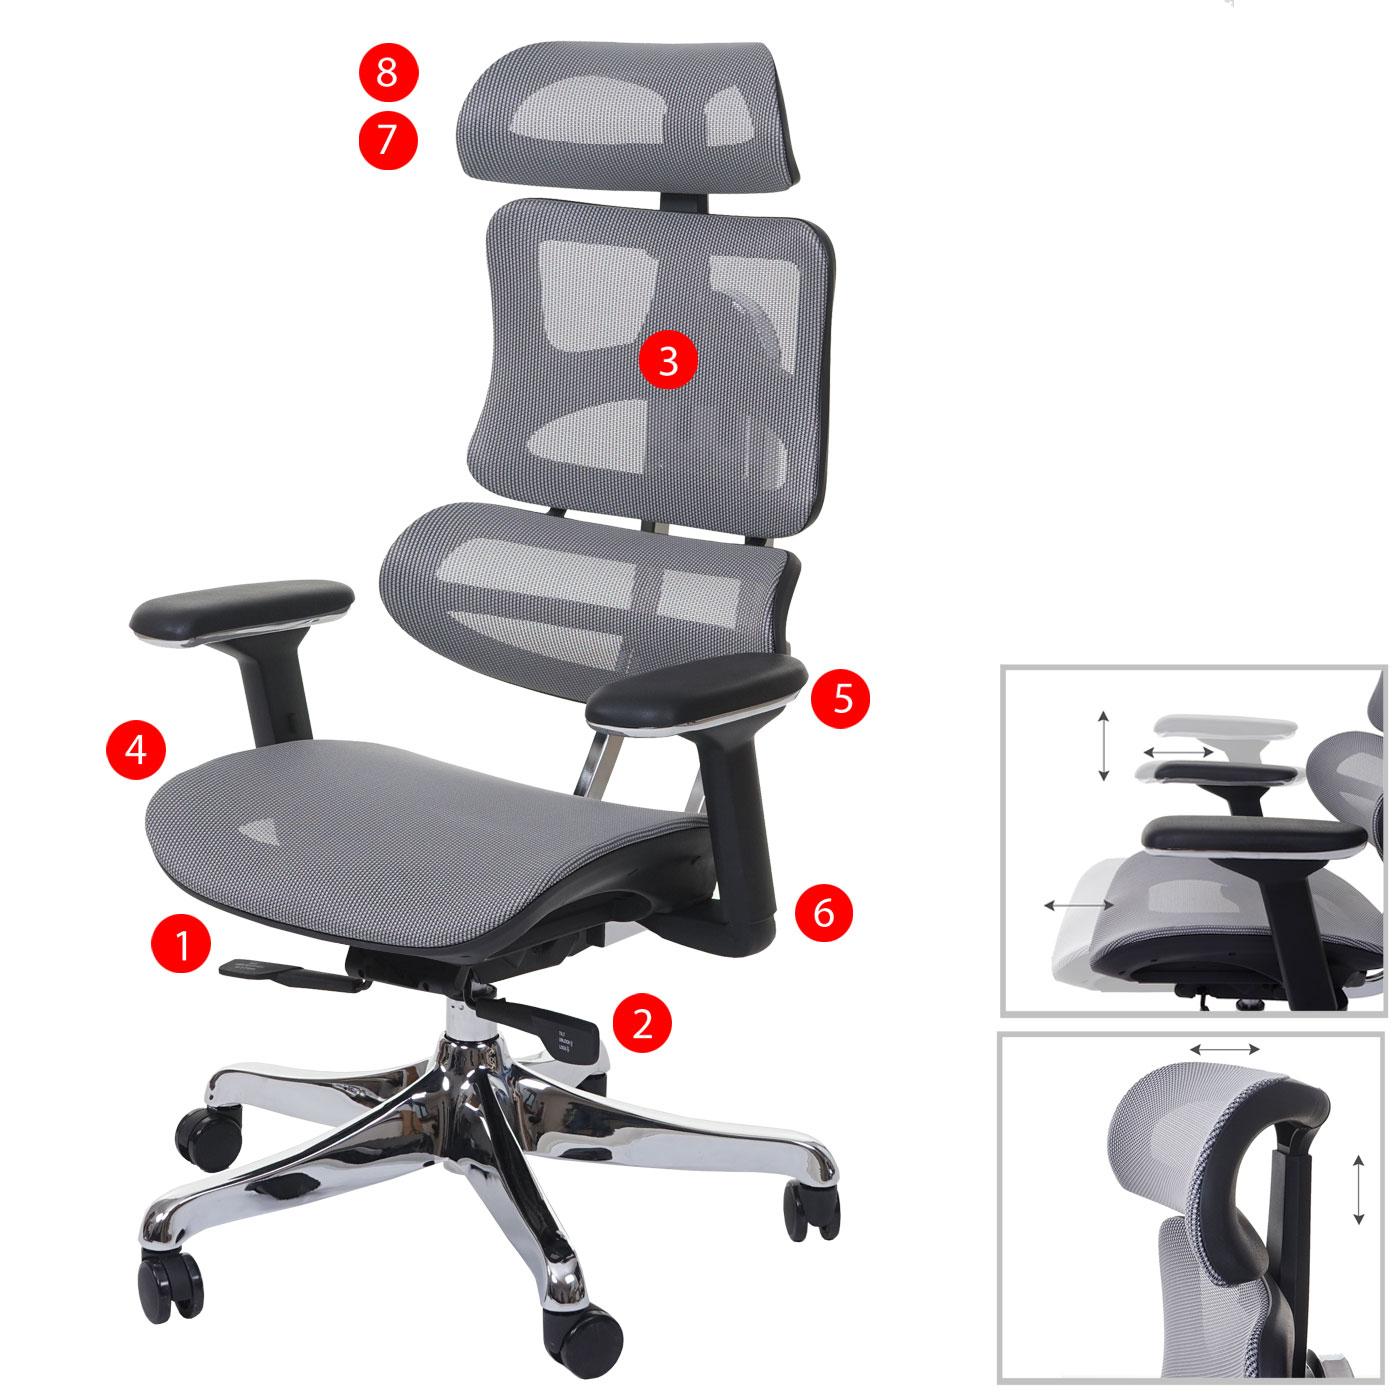 Bürostuhl MCW-A66, Schreibtischstuhl, Sliding-Funktion Textil ISO9001 ~ schwarz/grau